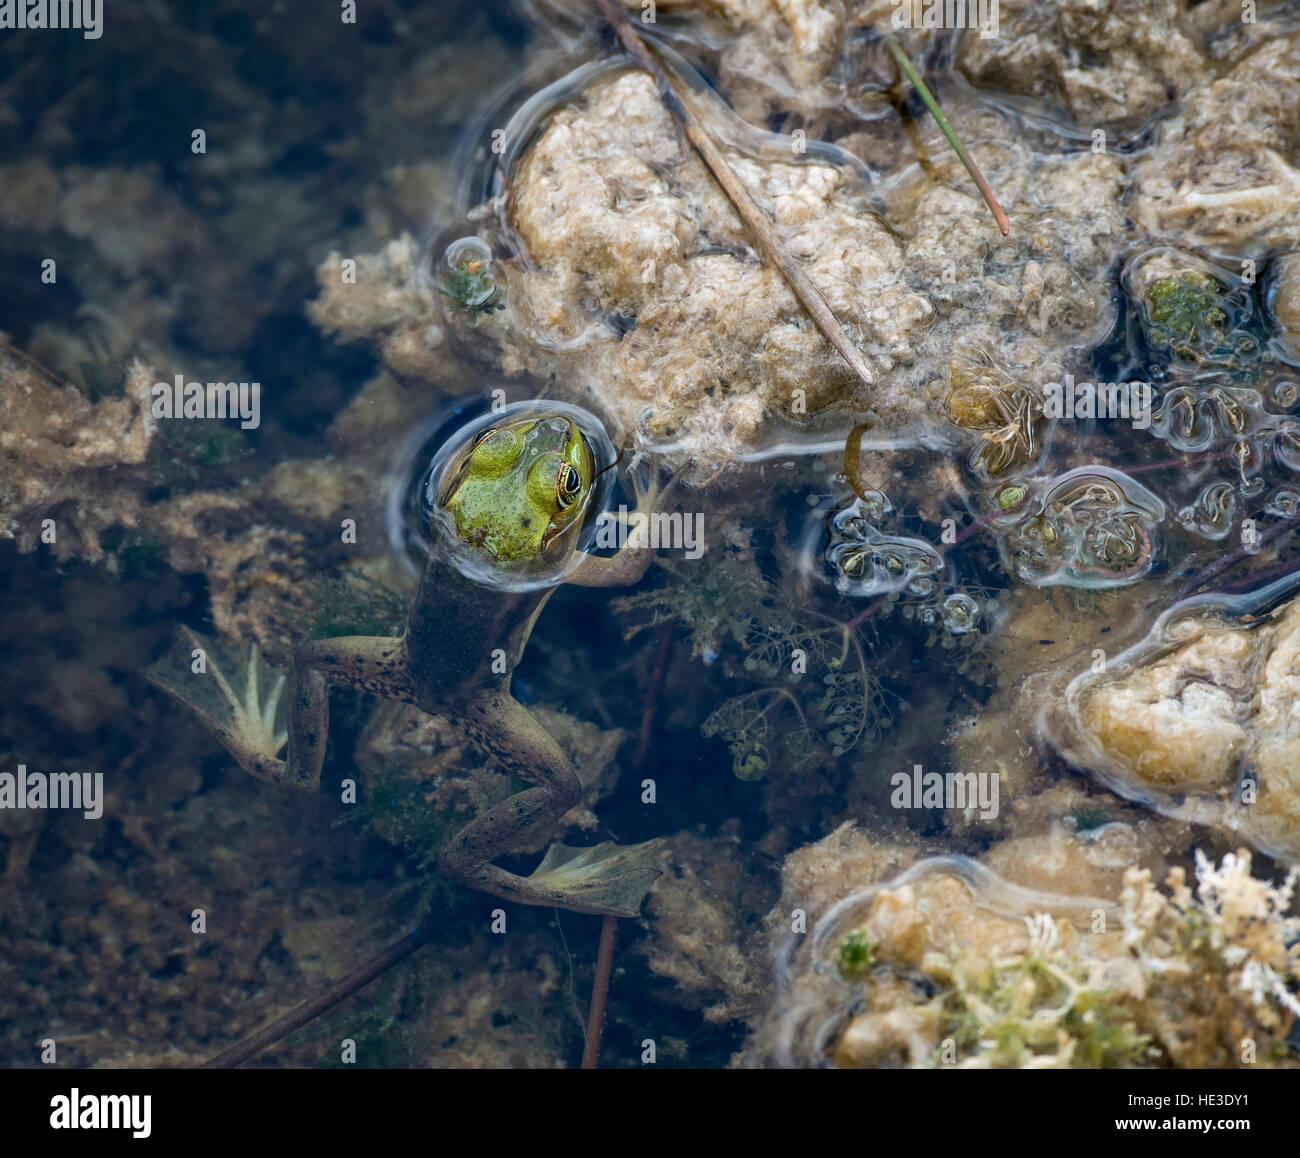 Schwein-Frosch (Rana Grylio) im flachen Wasser, Everglades Nationalpark Stockbild